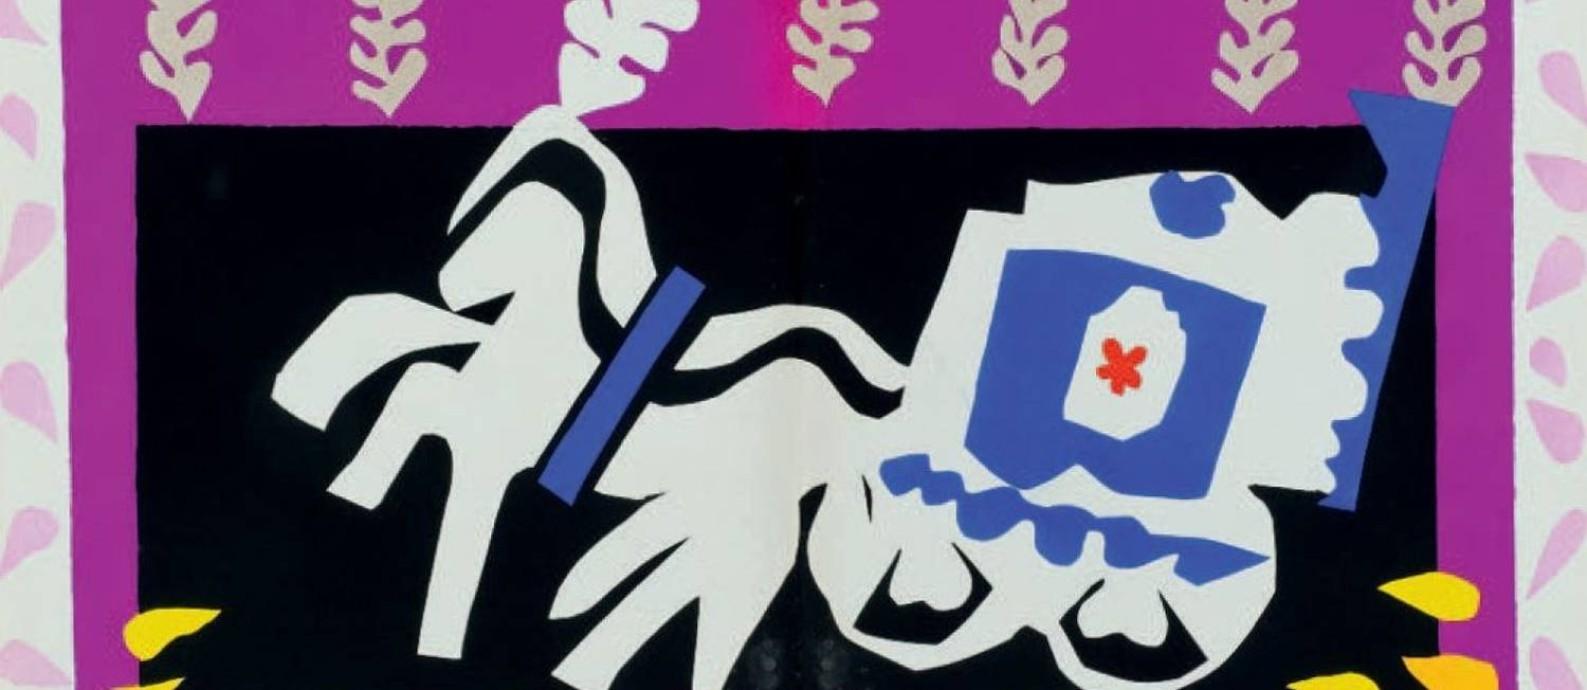 Quadro da série 'Jazz', de Henri Matisse, em cartaz na Caixa Cultural Foto: Divulgação